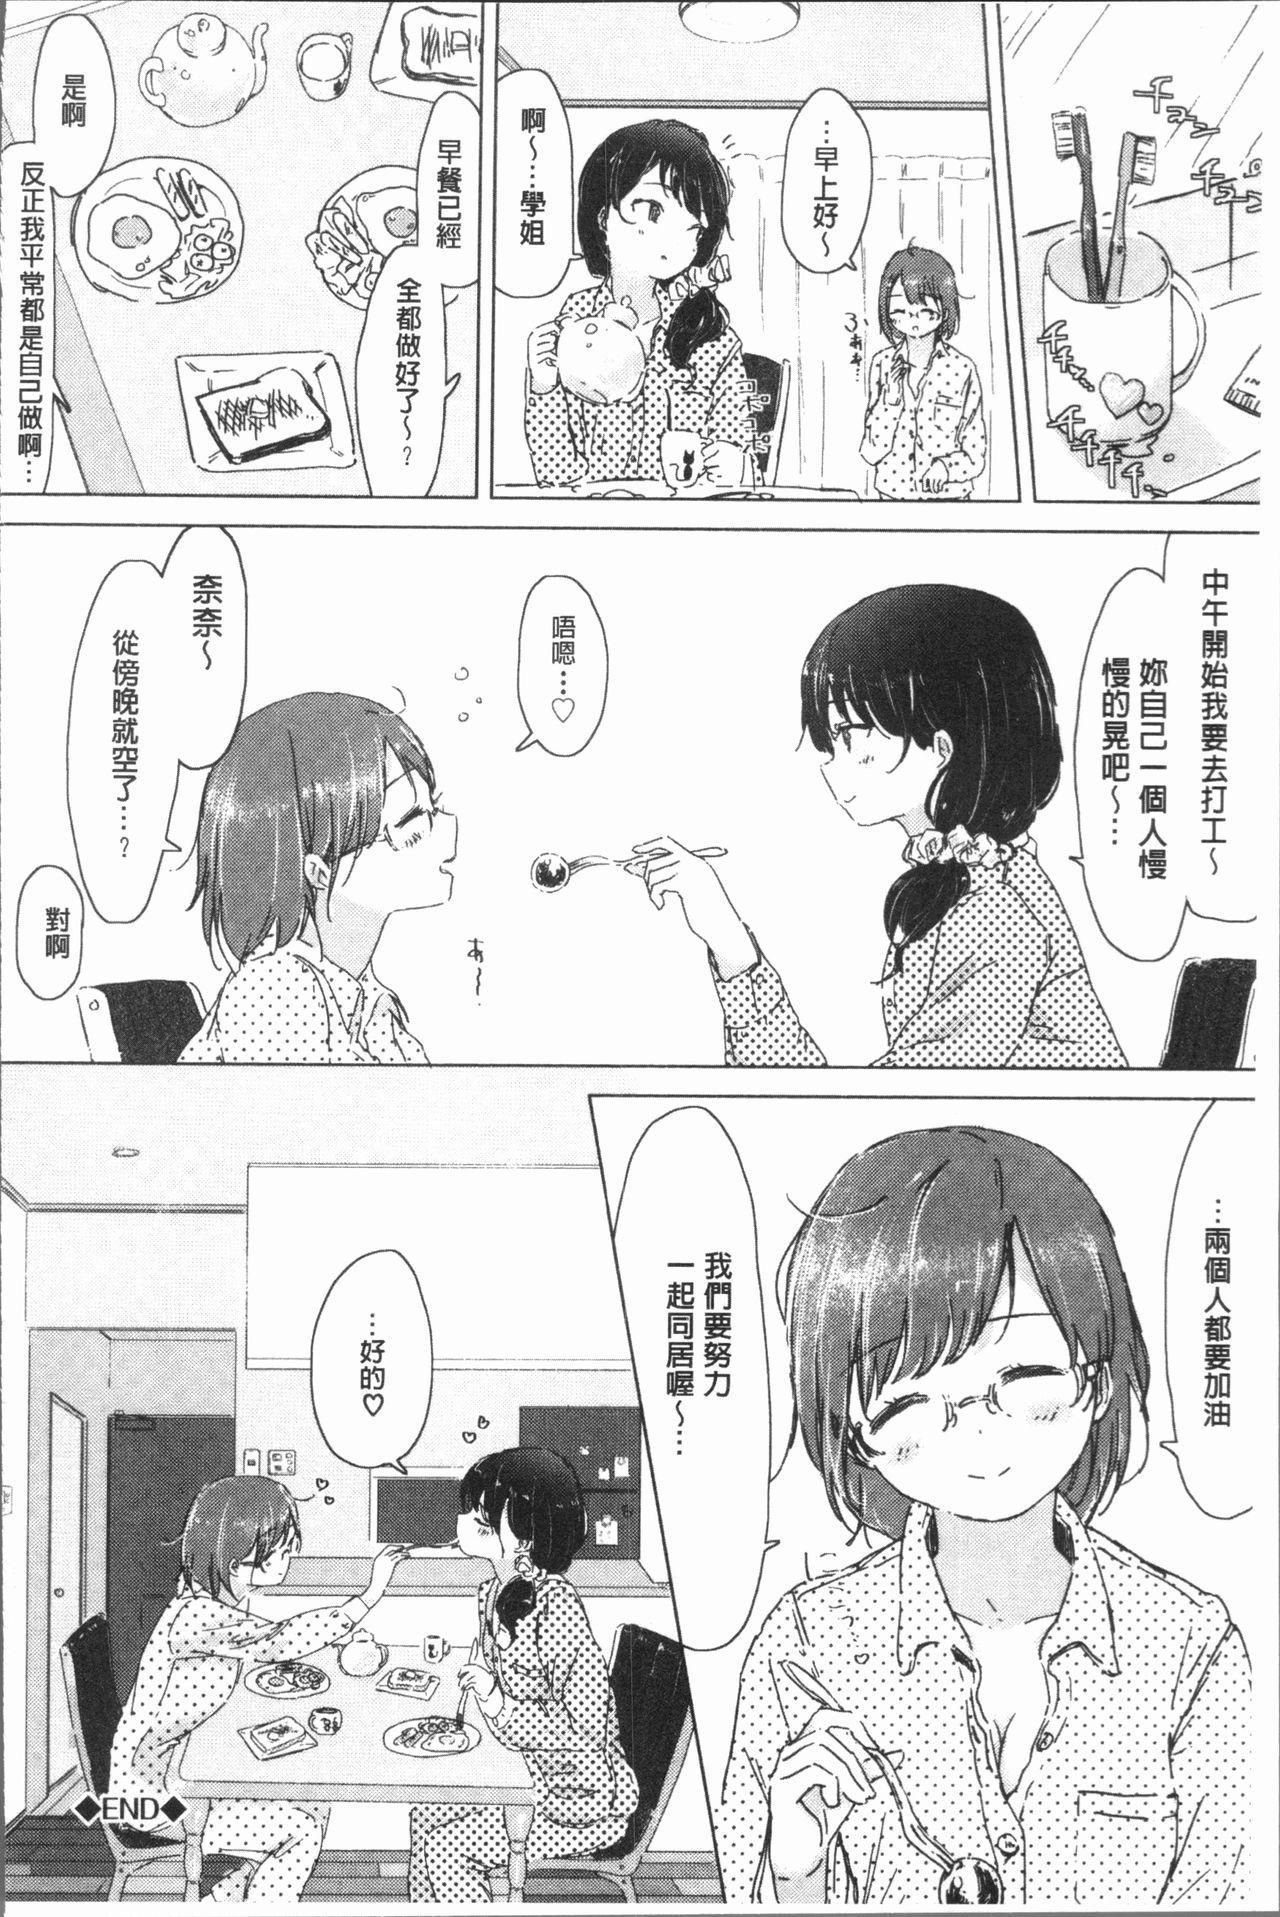 Yuri no Tsubomi ga Saku Koro ni 181